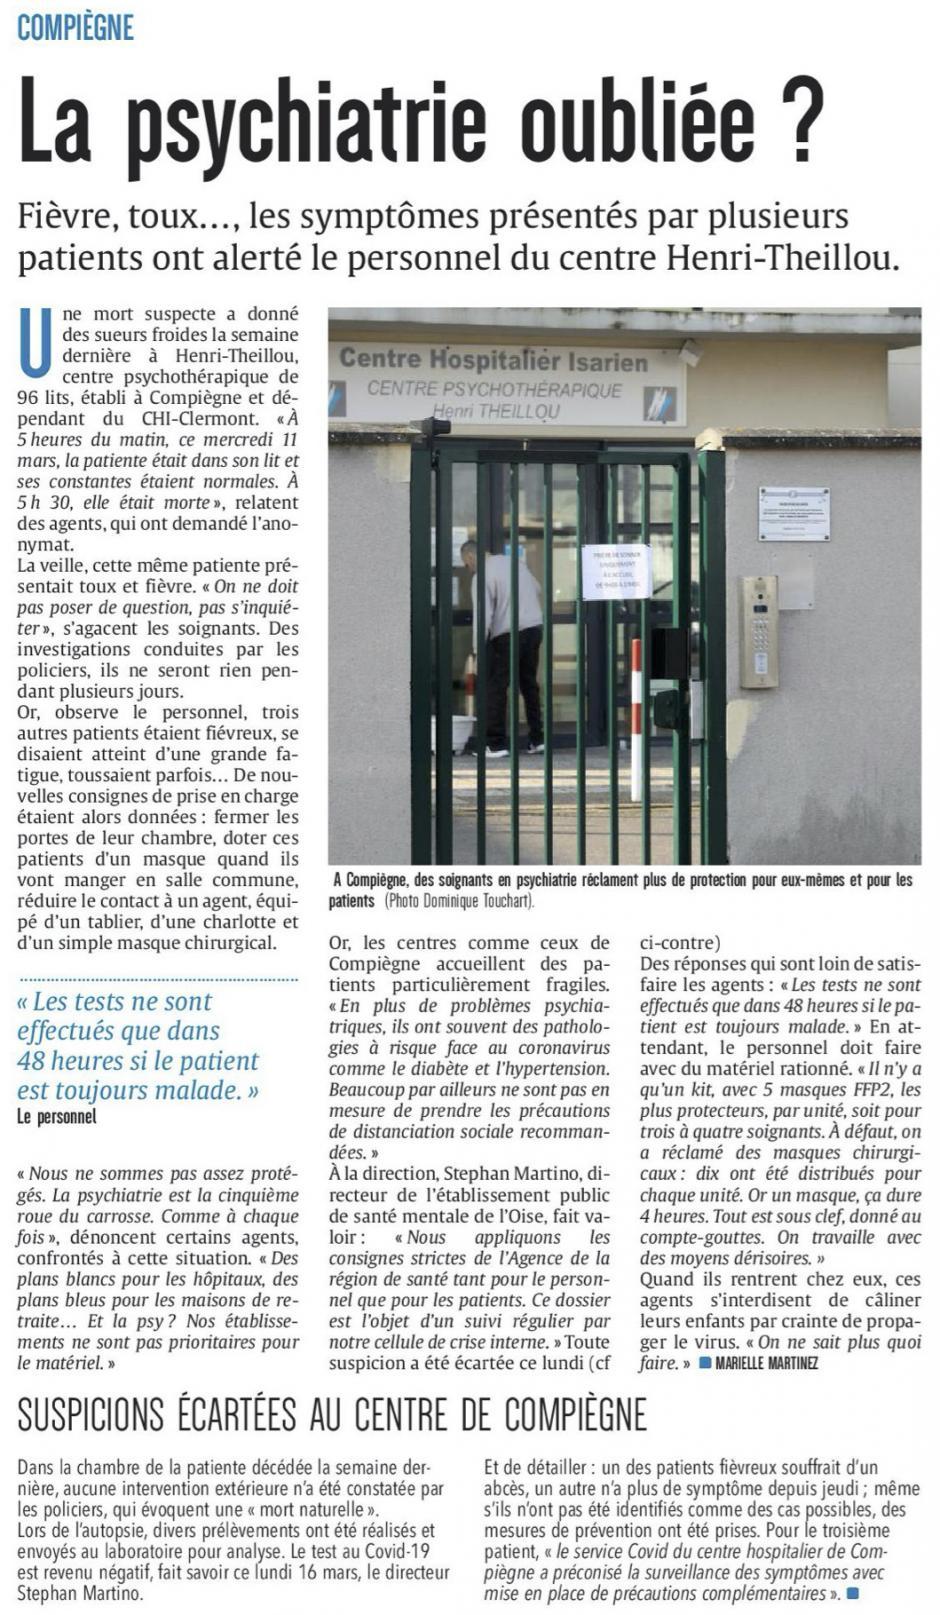 20200319-CP-Compiègne-La psychiatrie oubliée ?